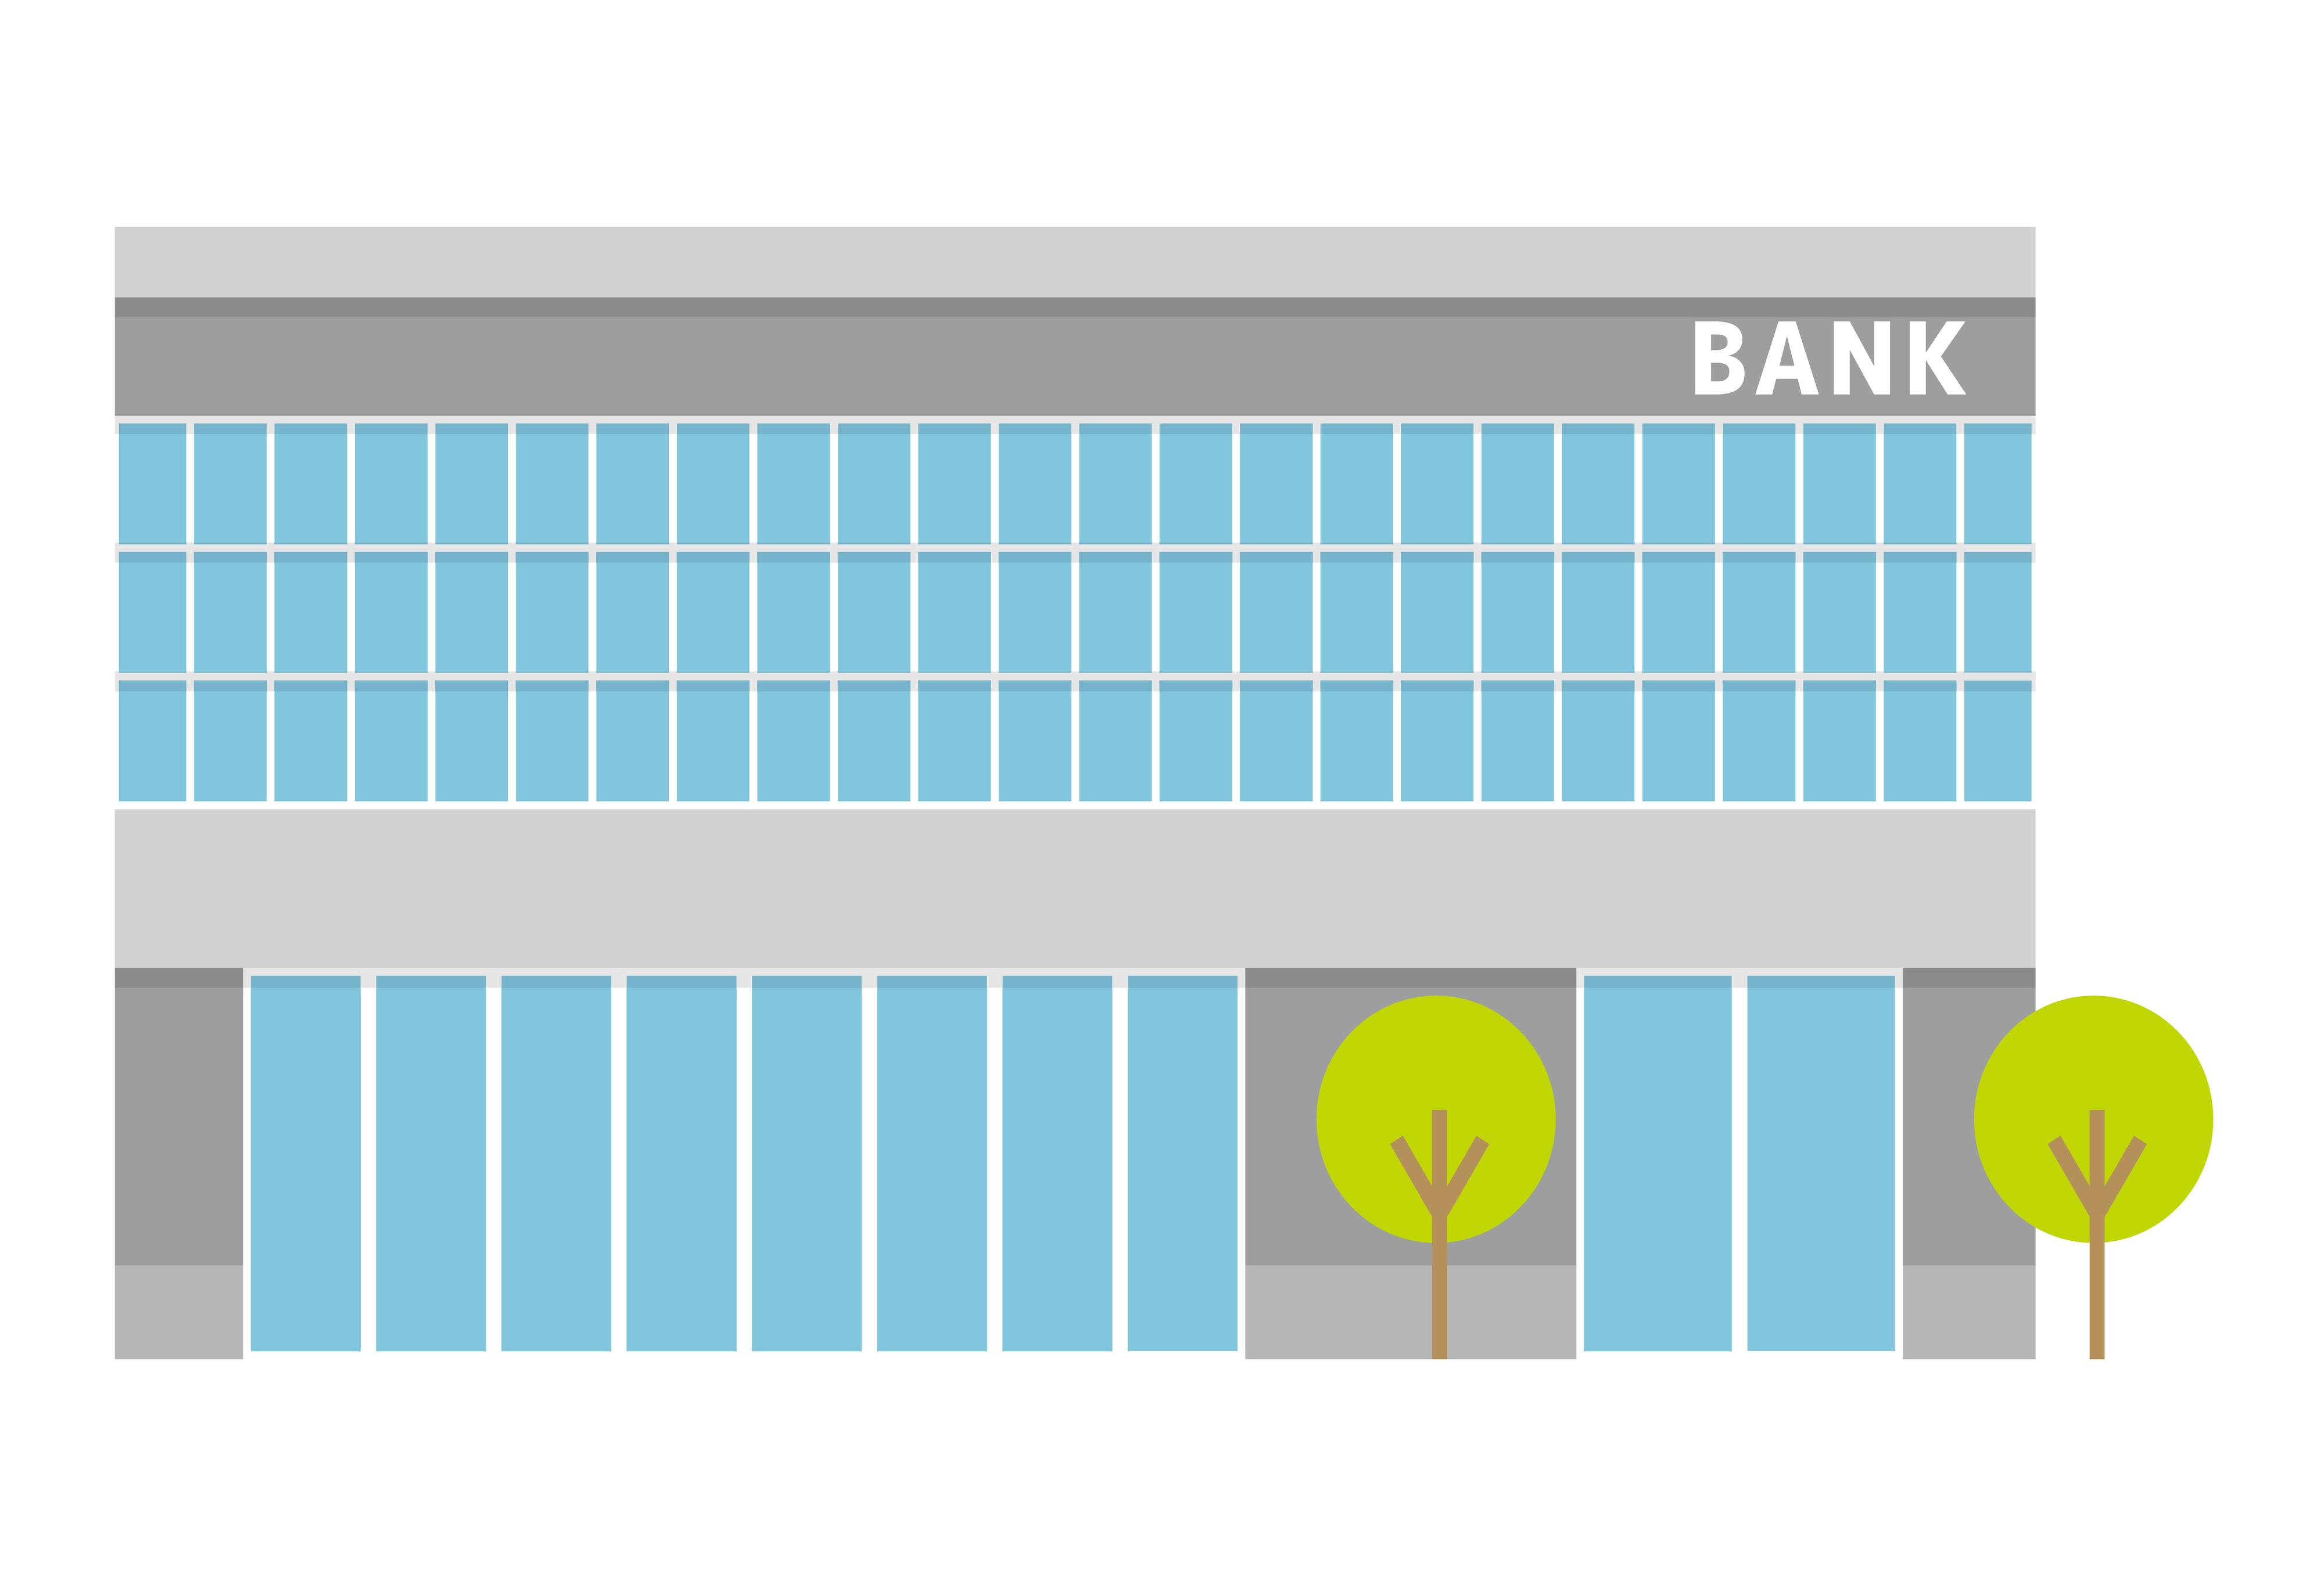 銀行融資, 銀行ローン